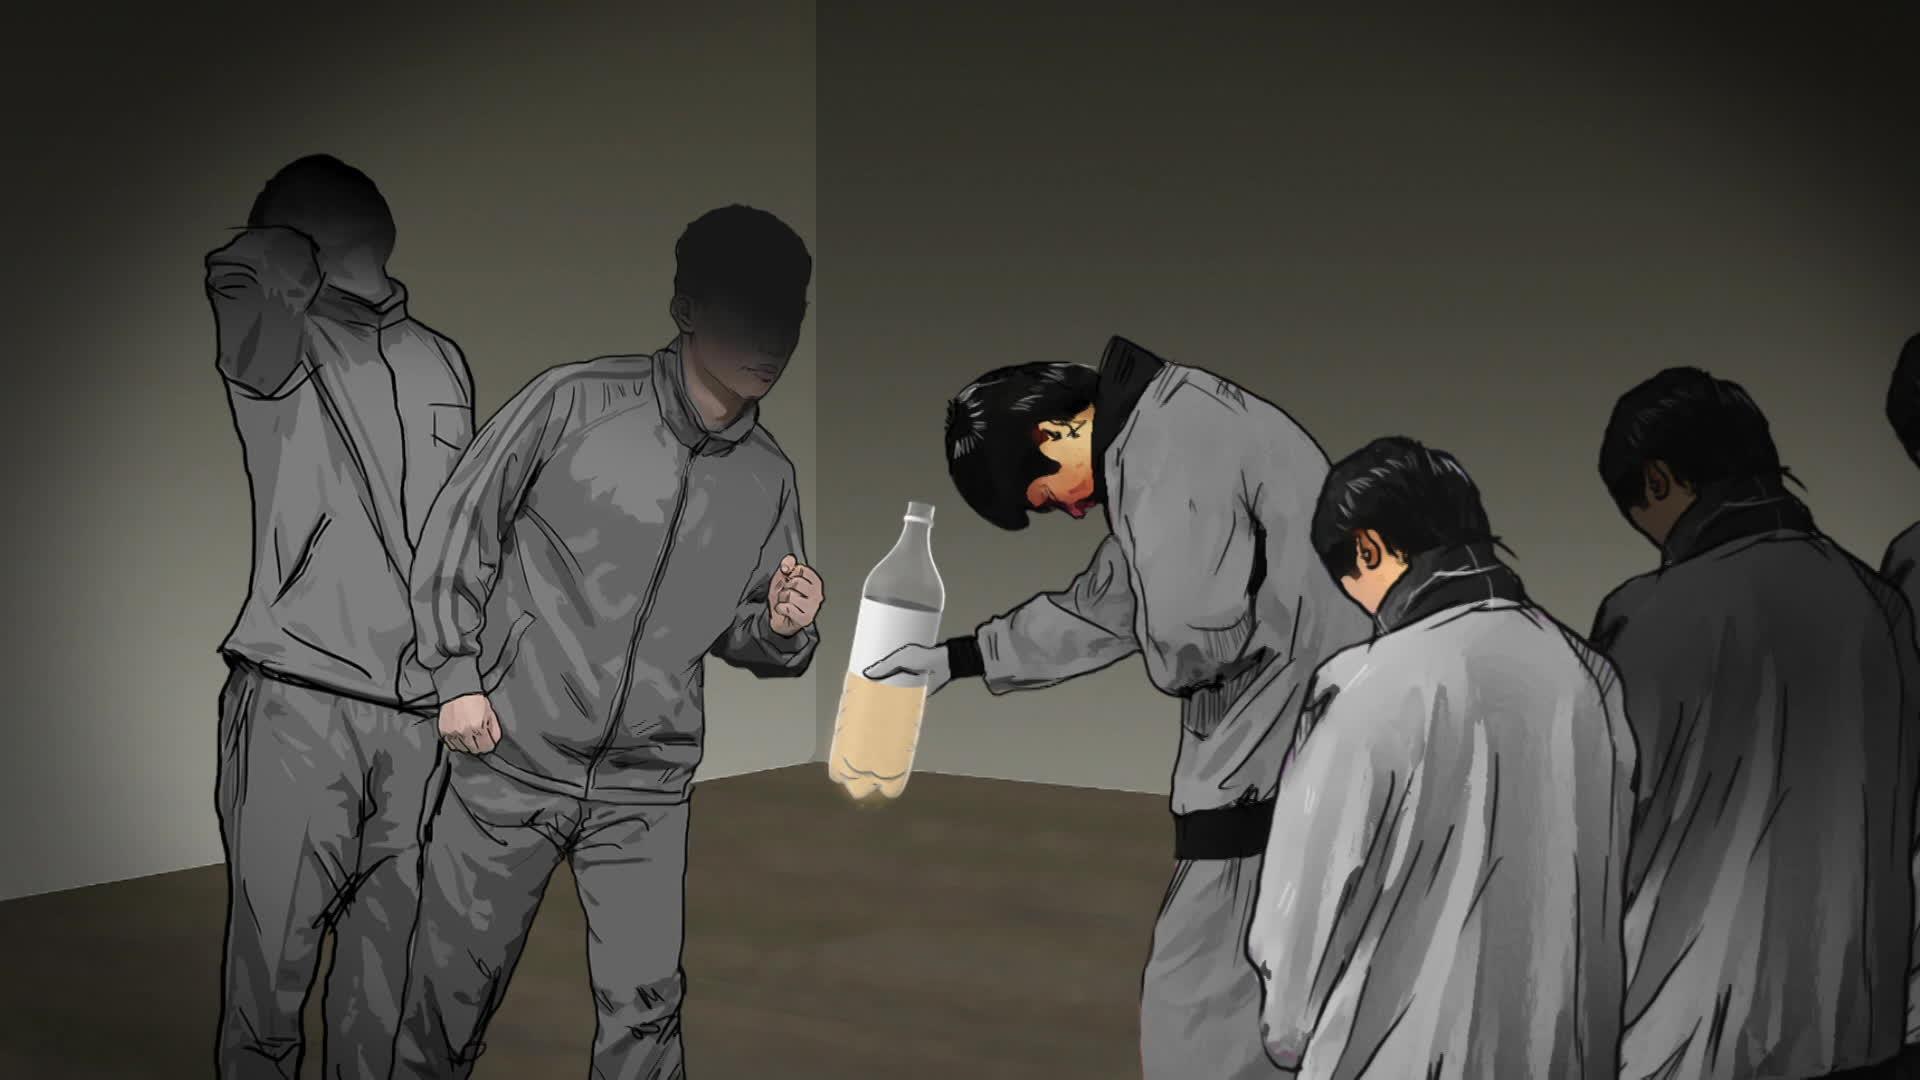 """[취재후] '국대 복서 듀오'가 만든 악몽의 학창 시절…""""진정성 있는 사과 없었다"""""""